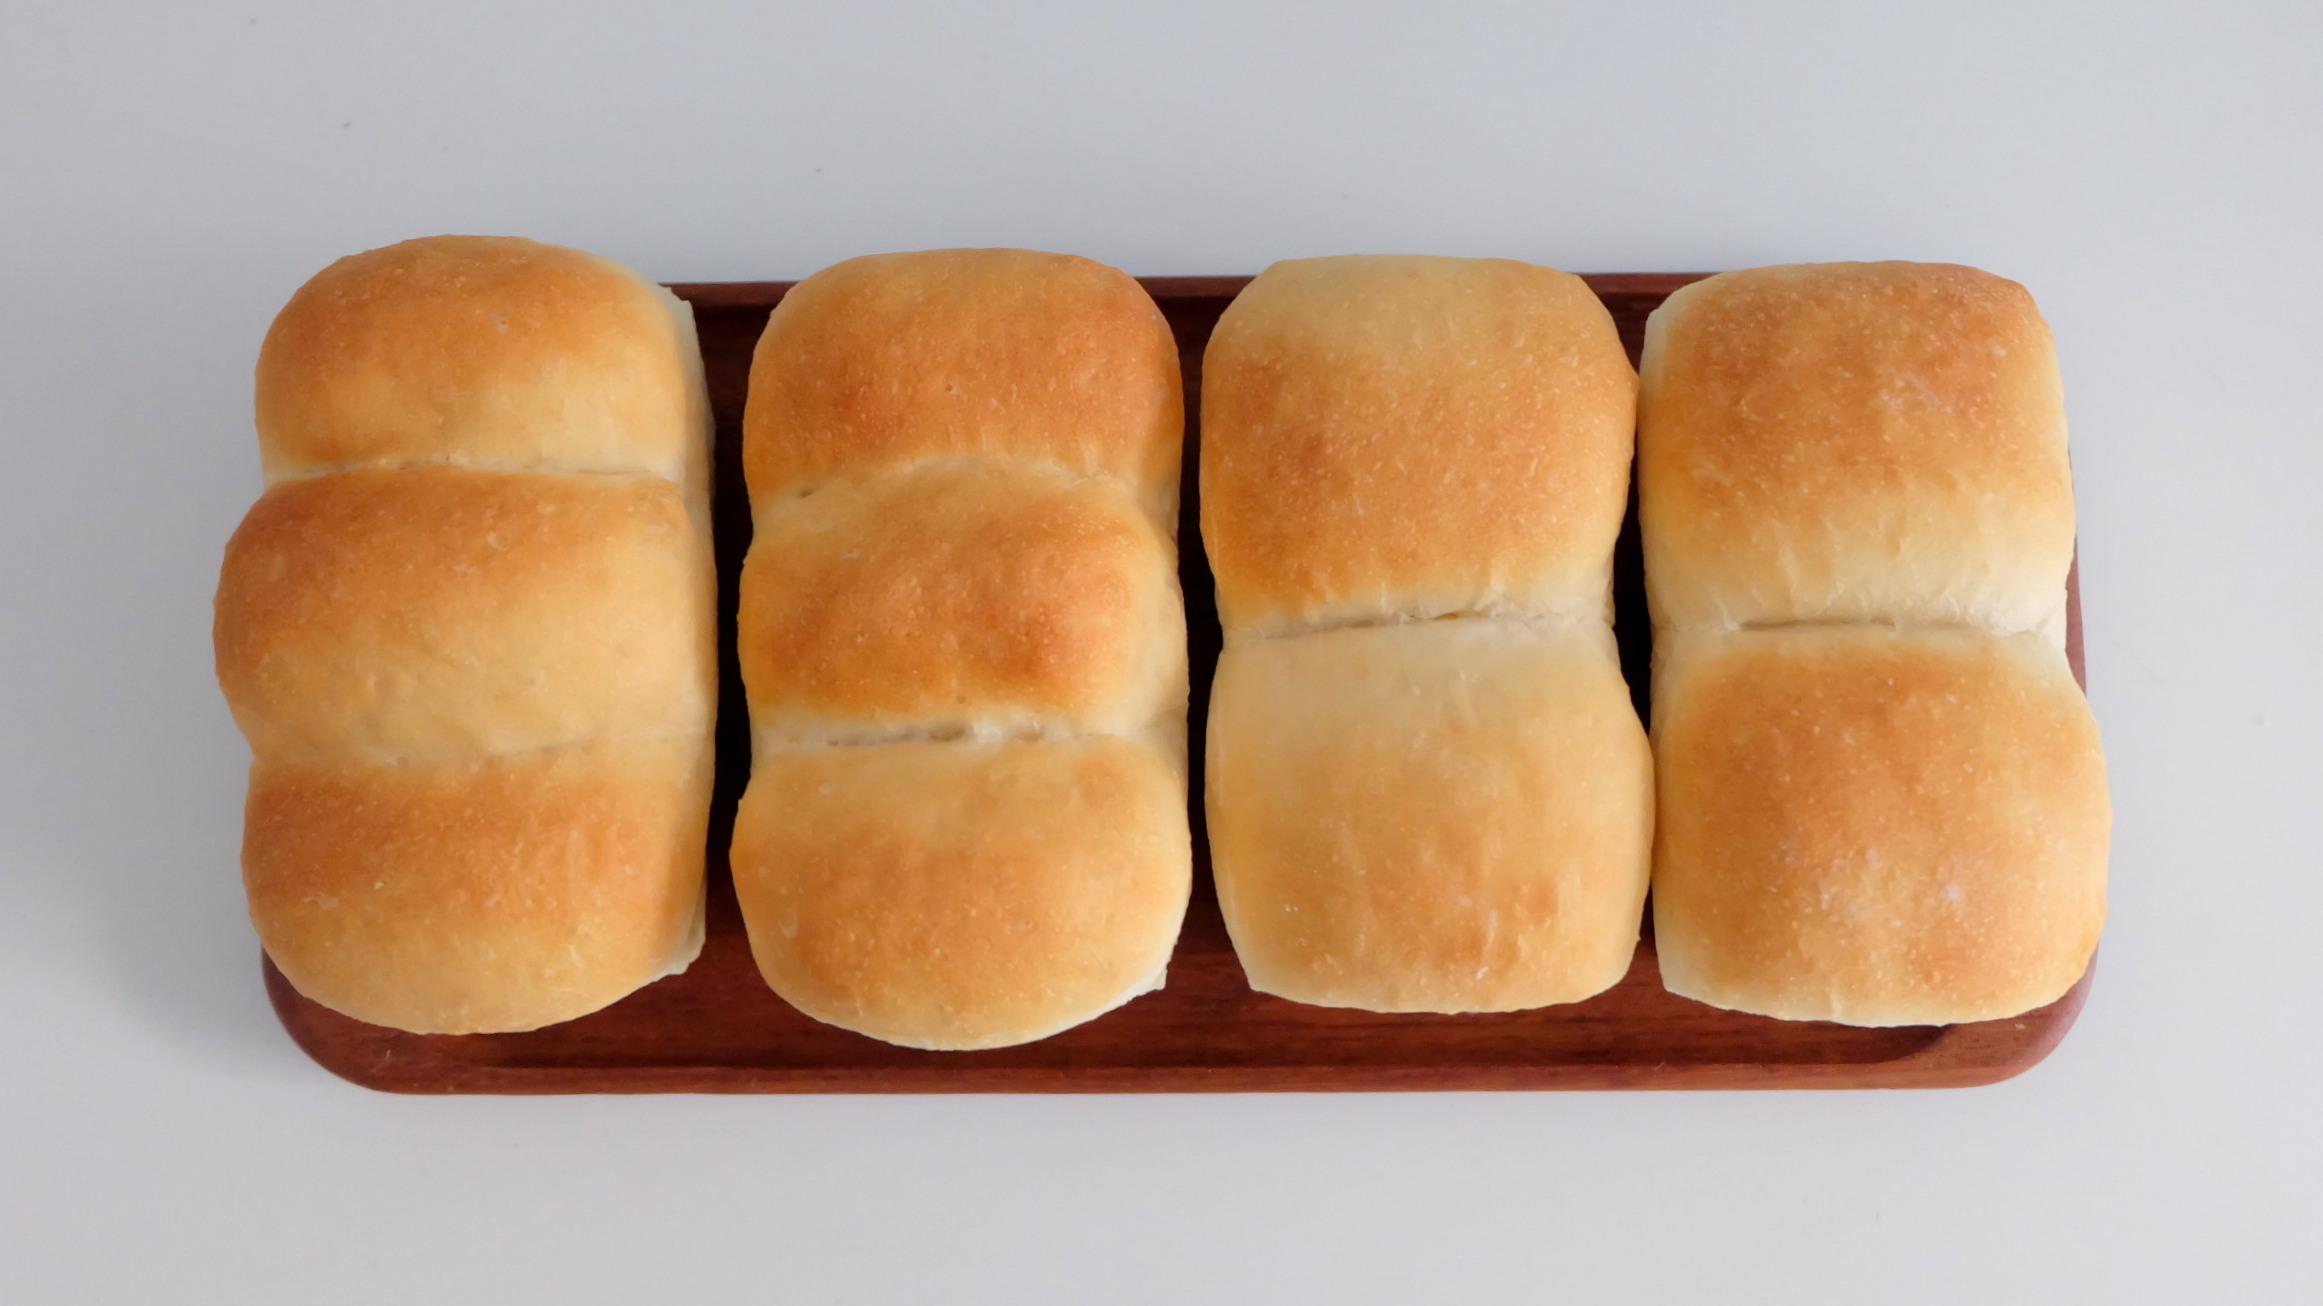 【ワークショップのお知らせ/11月10日(日)】パウンド型で山型食パンを作ろうの会